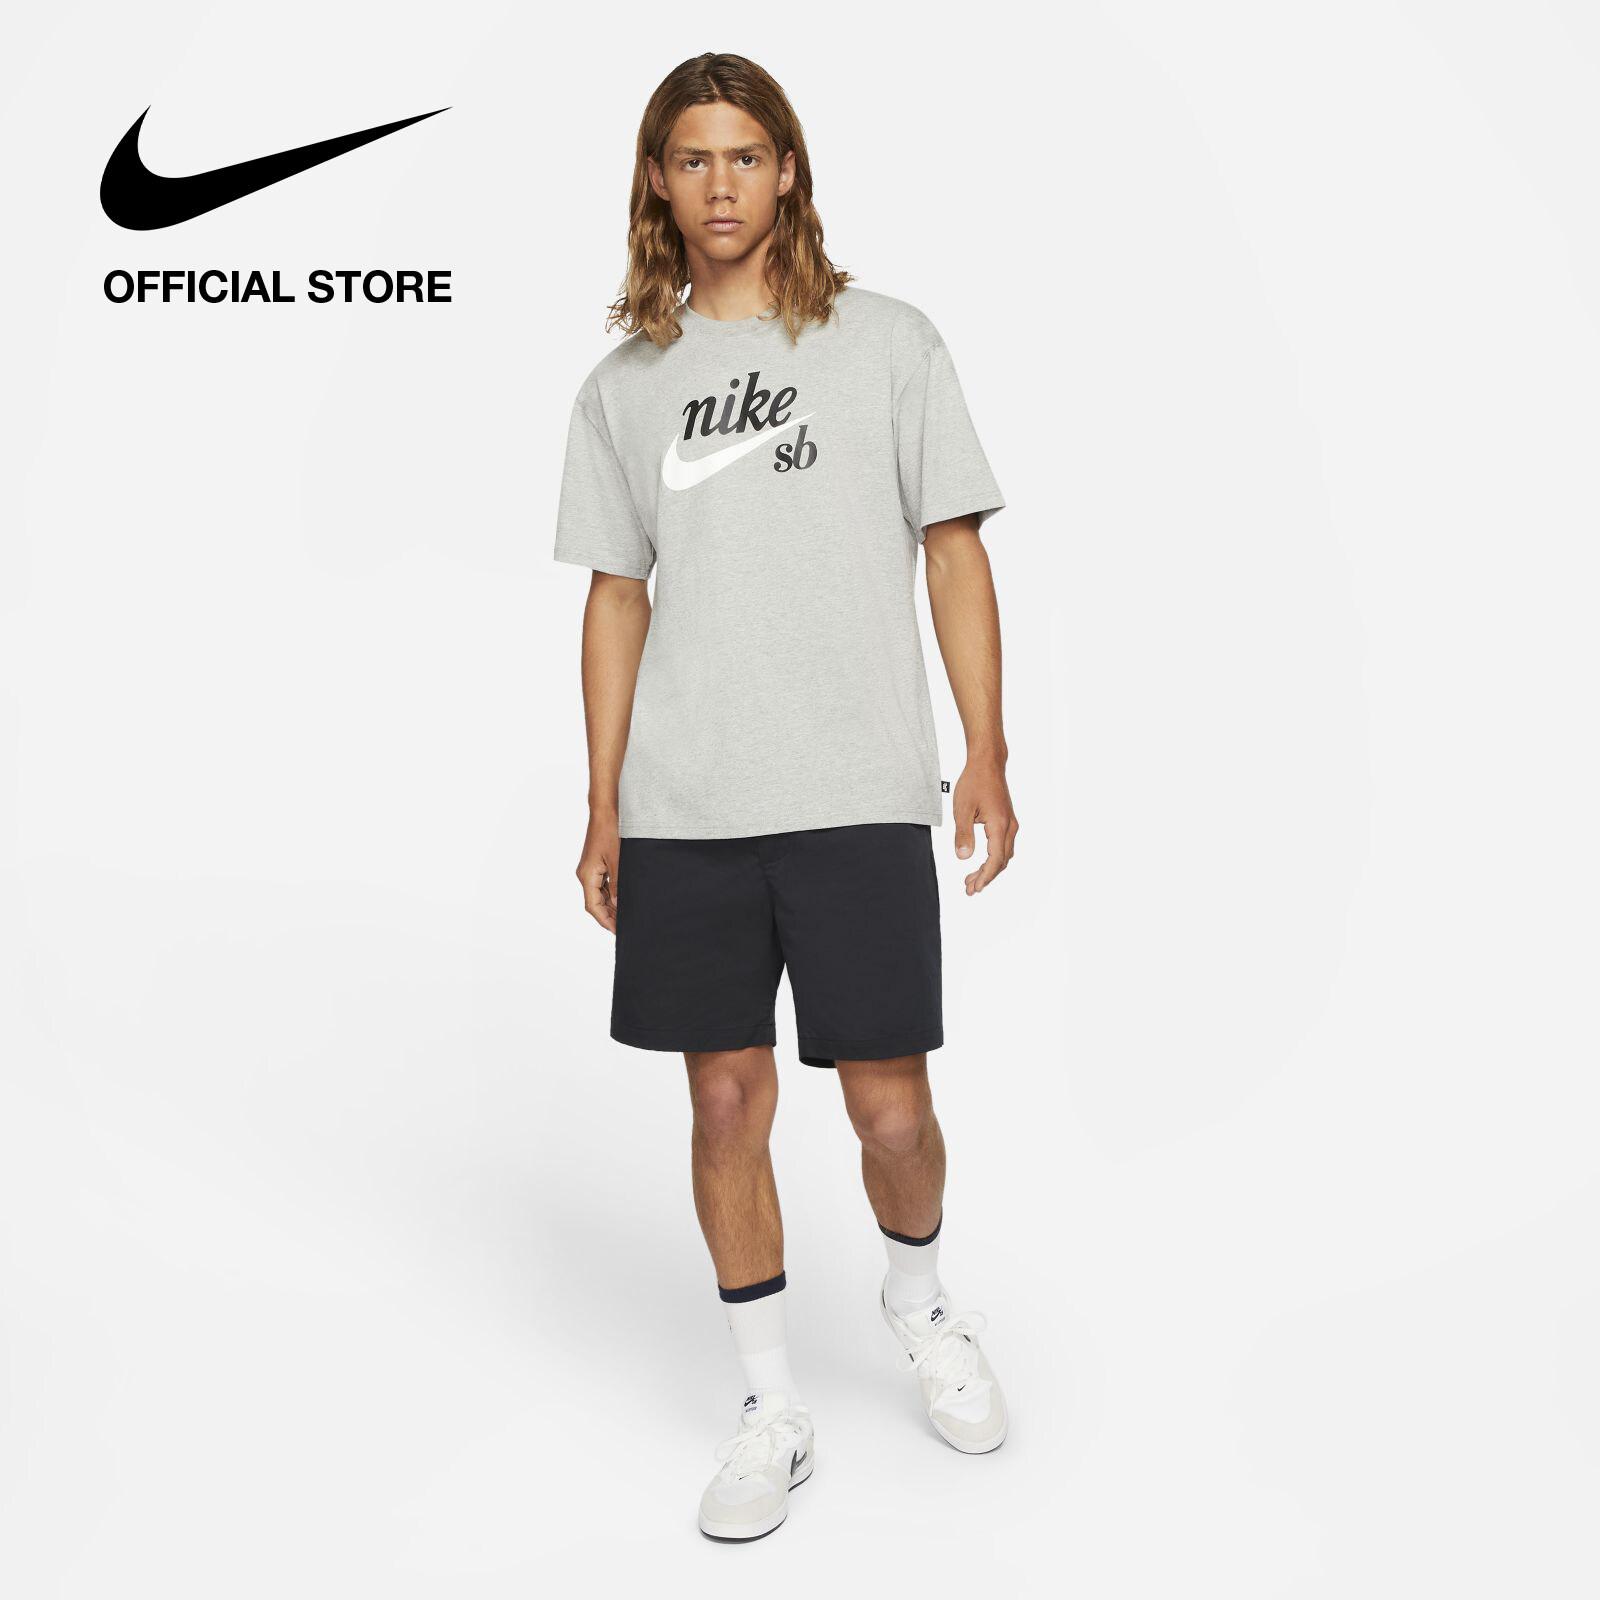 รีวิว Nike Men's SB Pull-On Skate Chino Shorts - Black ไนกี้ กางเกงชิโนสเก็ตบอร์ดขาสั้นผู้ชายแบบดึงสวม เอสบี - สีดำ